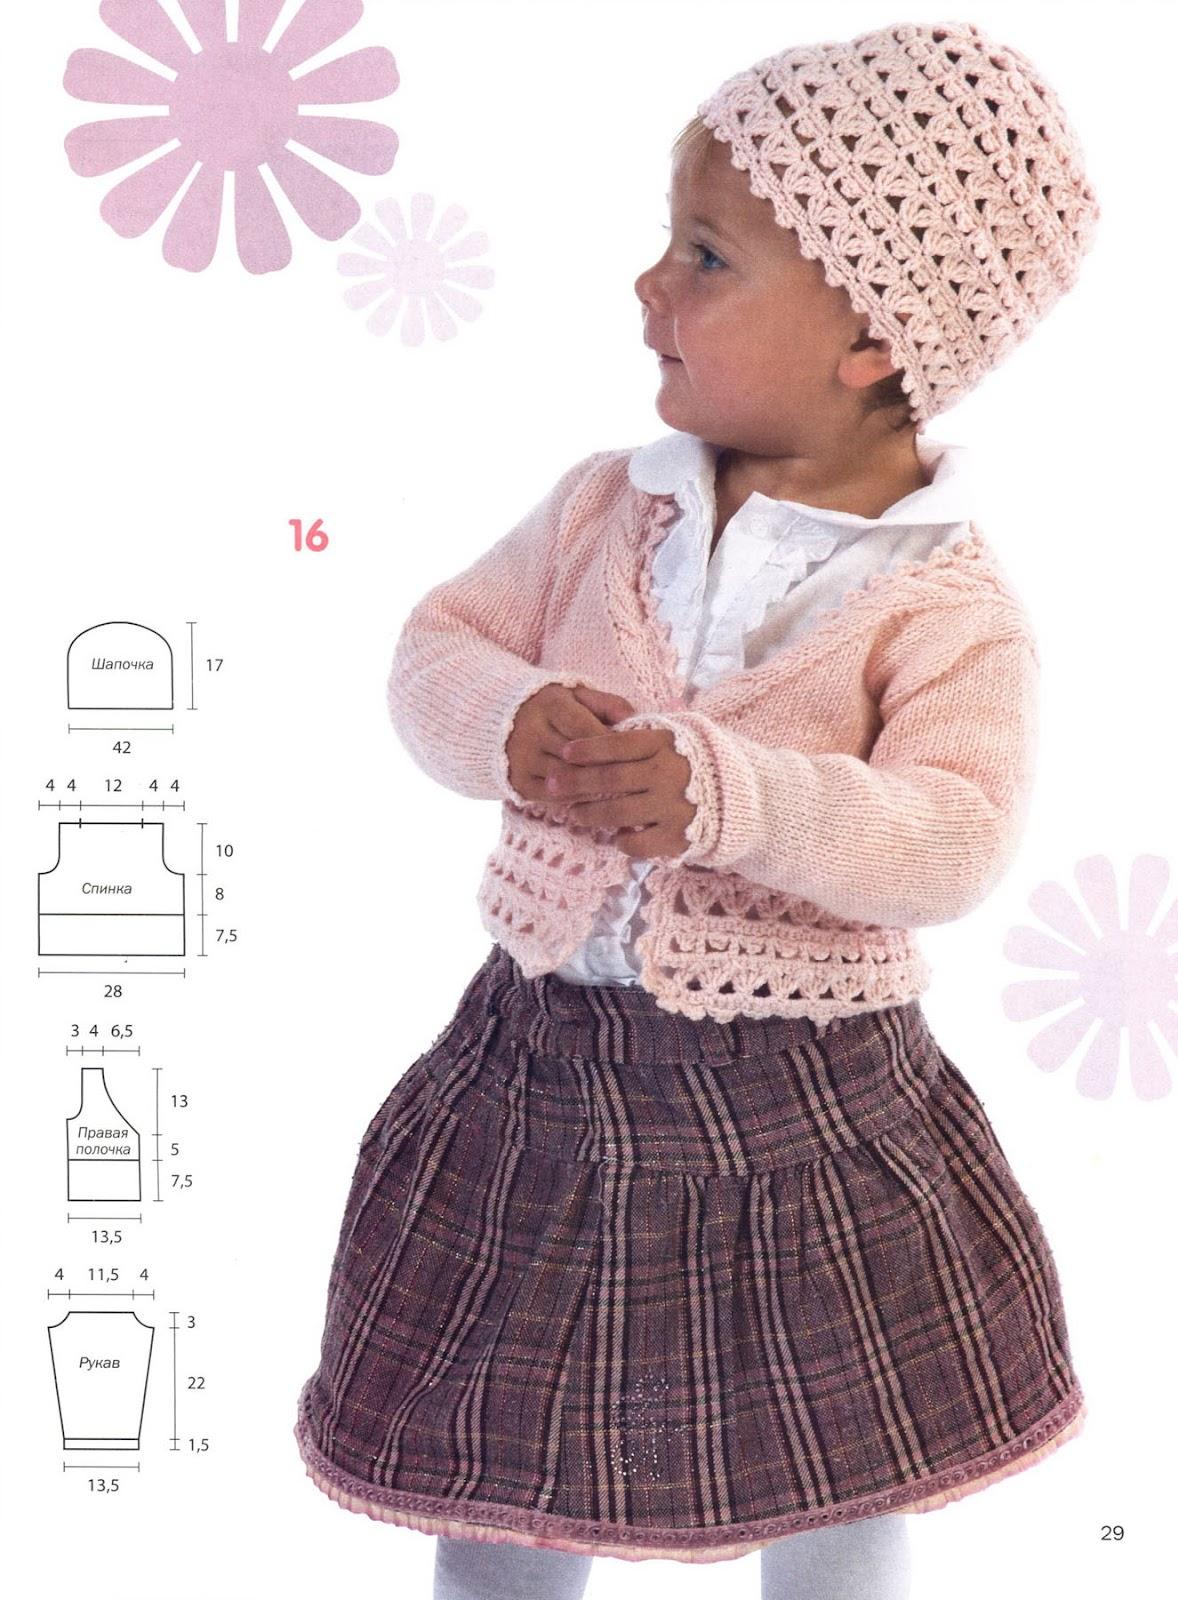 Вязание для детей - Вязаная шапочка и кофточка для девочки Розовый набор: кофта и ажурная шапочка для малеханькой...